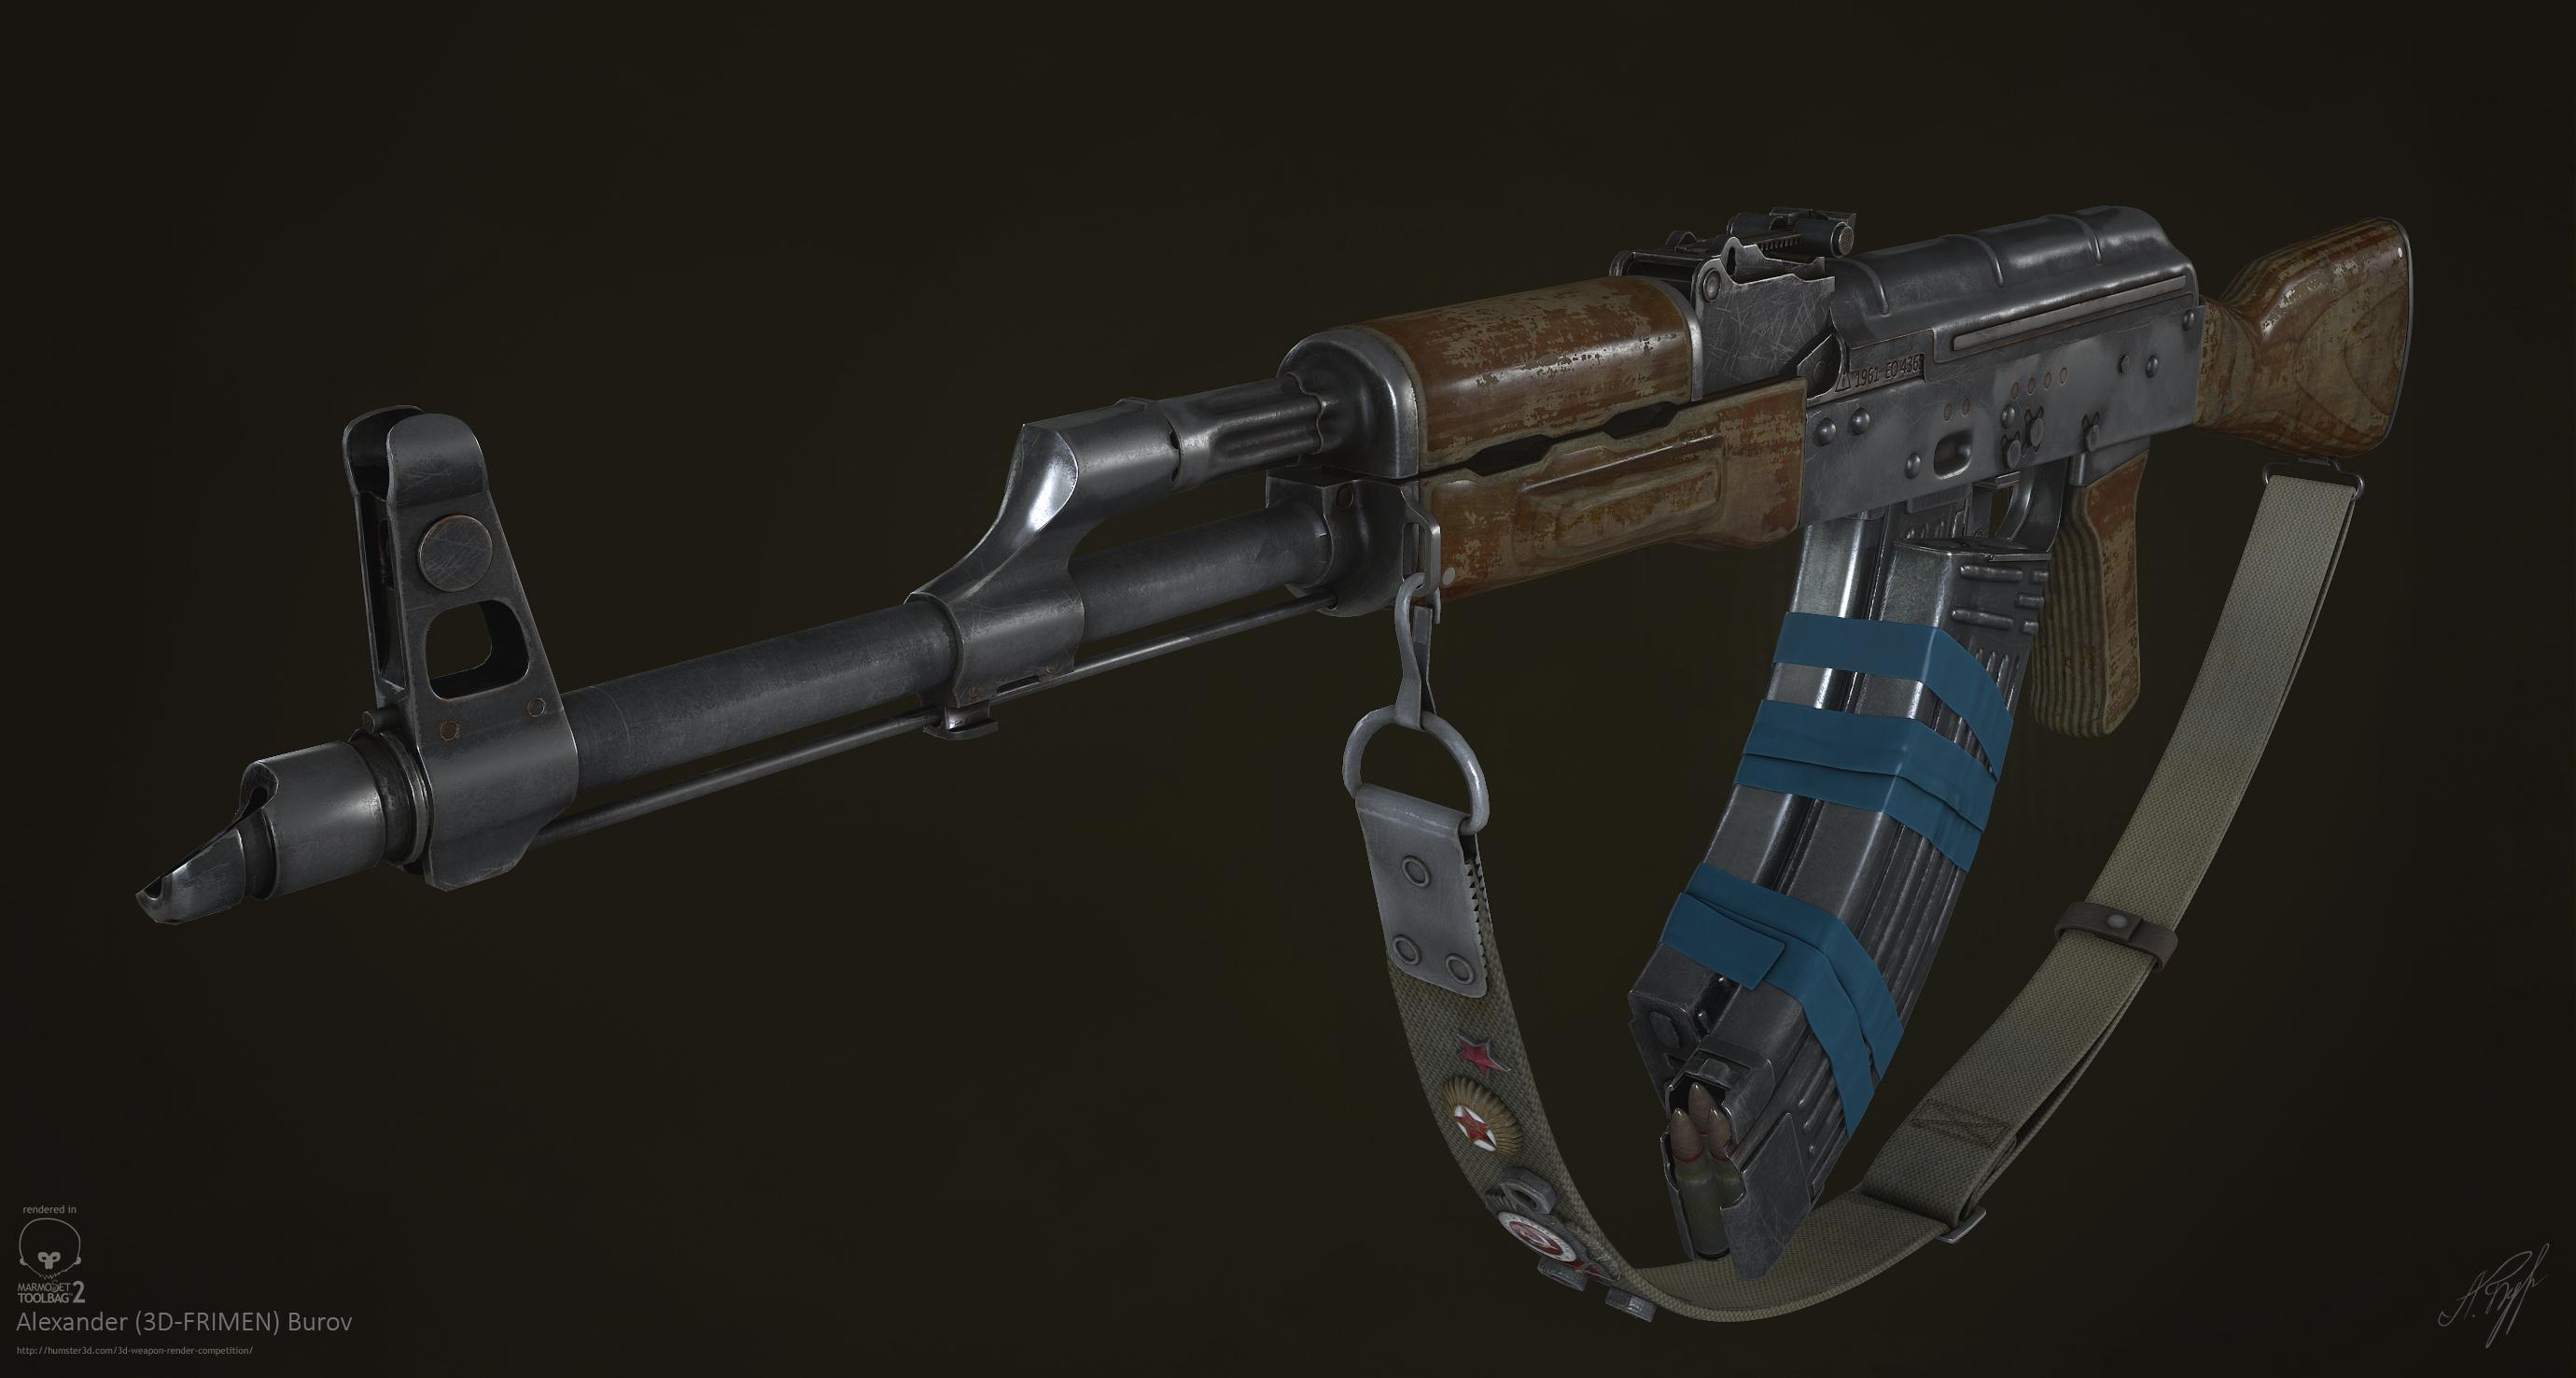 Avtomat Kalashnikova Modernizirovanniy